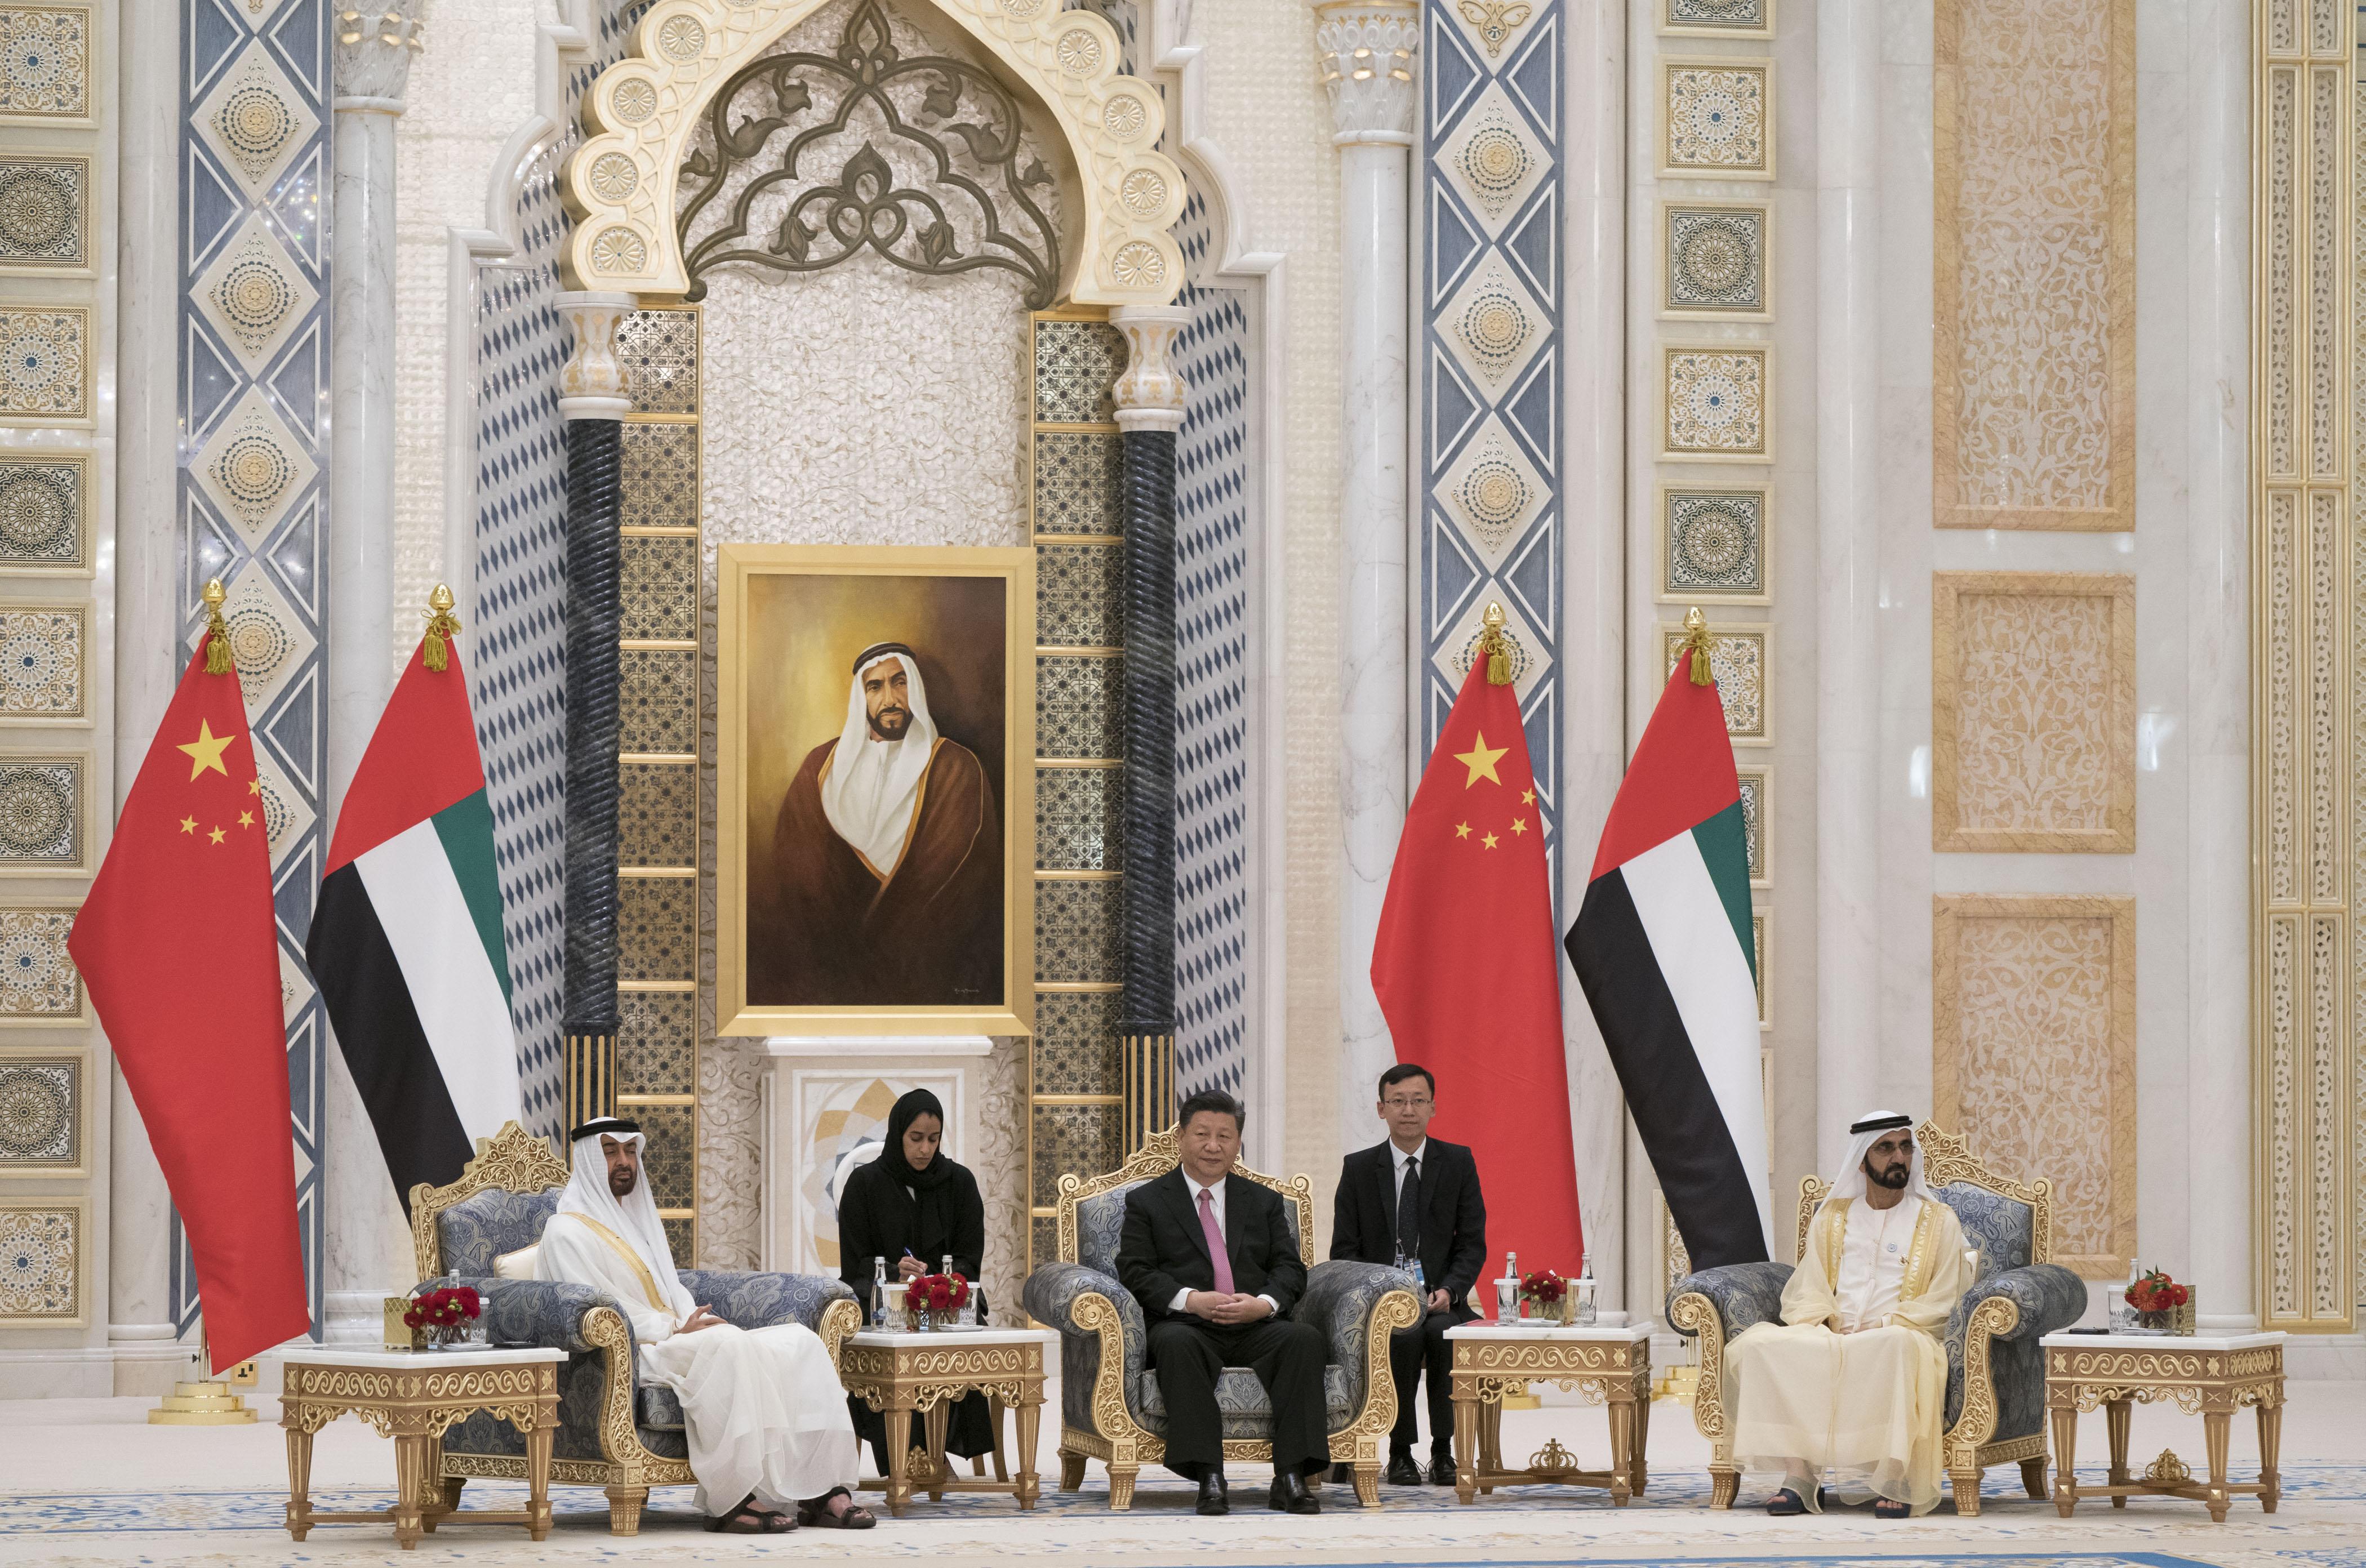 محمد بن راشد ومحمد بن زايد والرئيس الصيني يشهدون مراسم تبادل 13 اتفاقية ومذكرة تفاهم موقعة بين البلدين 4